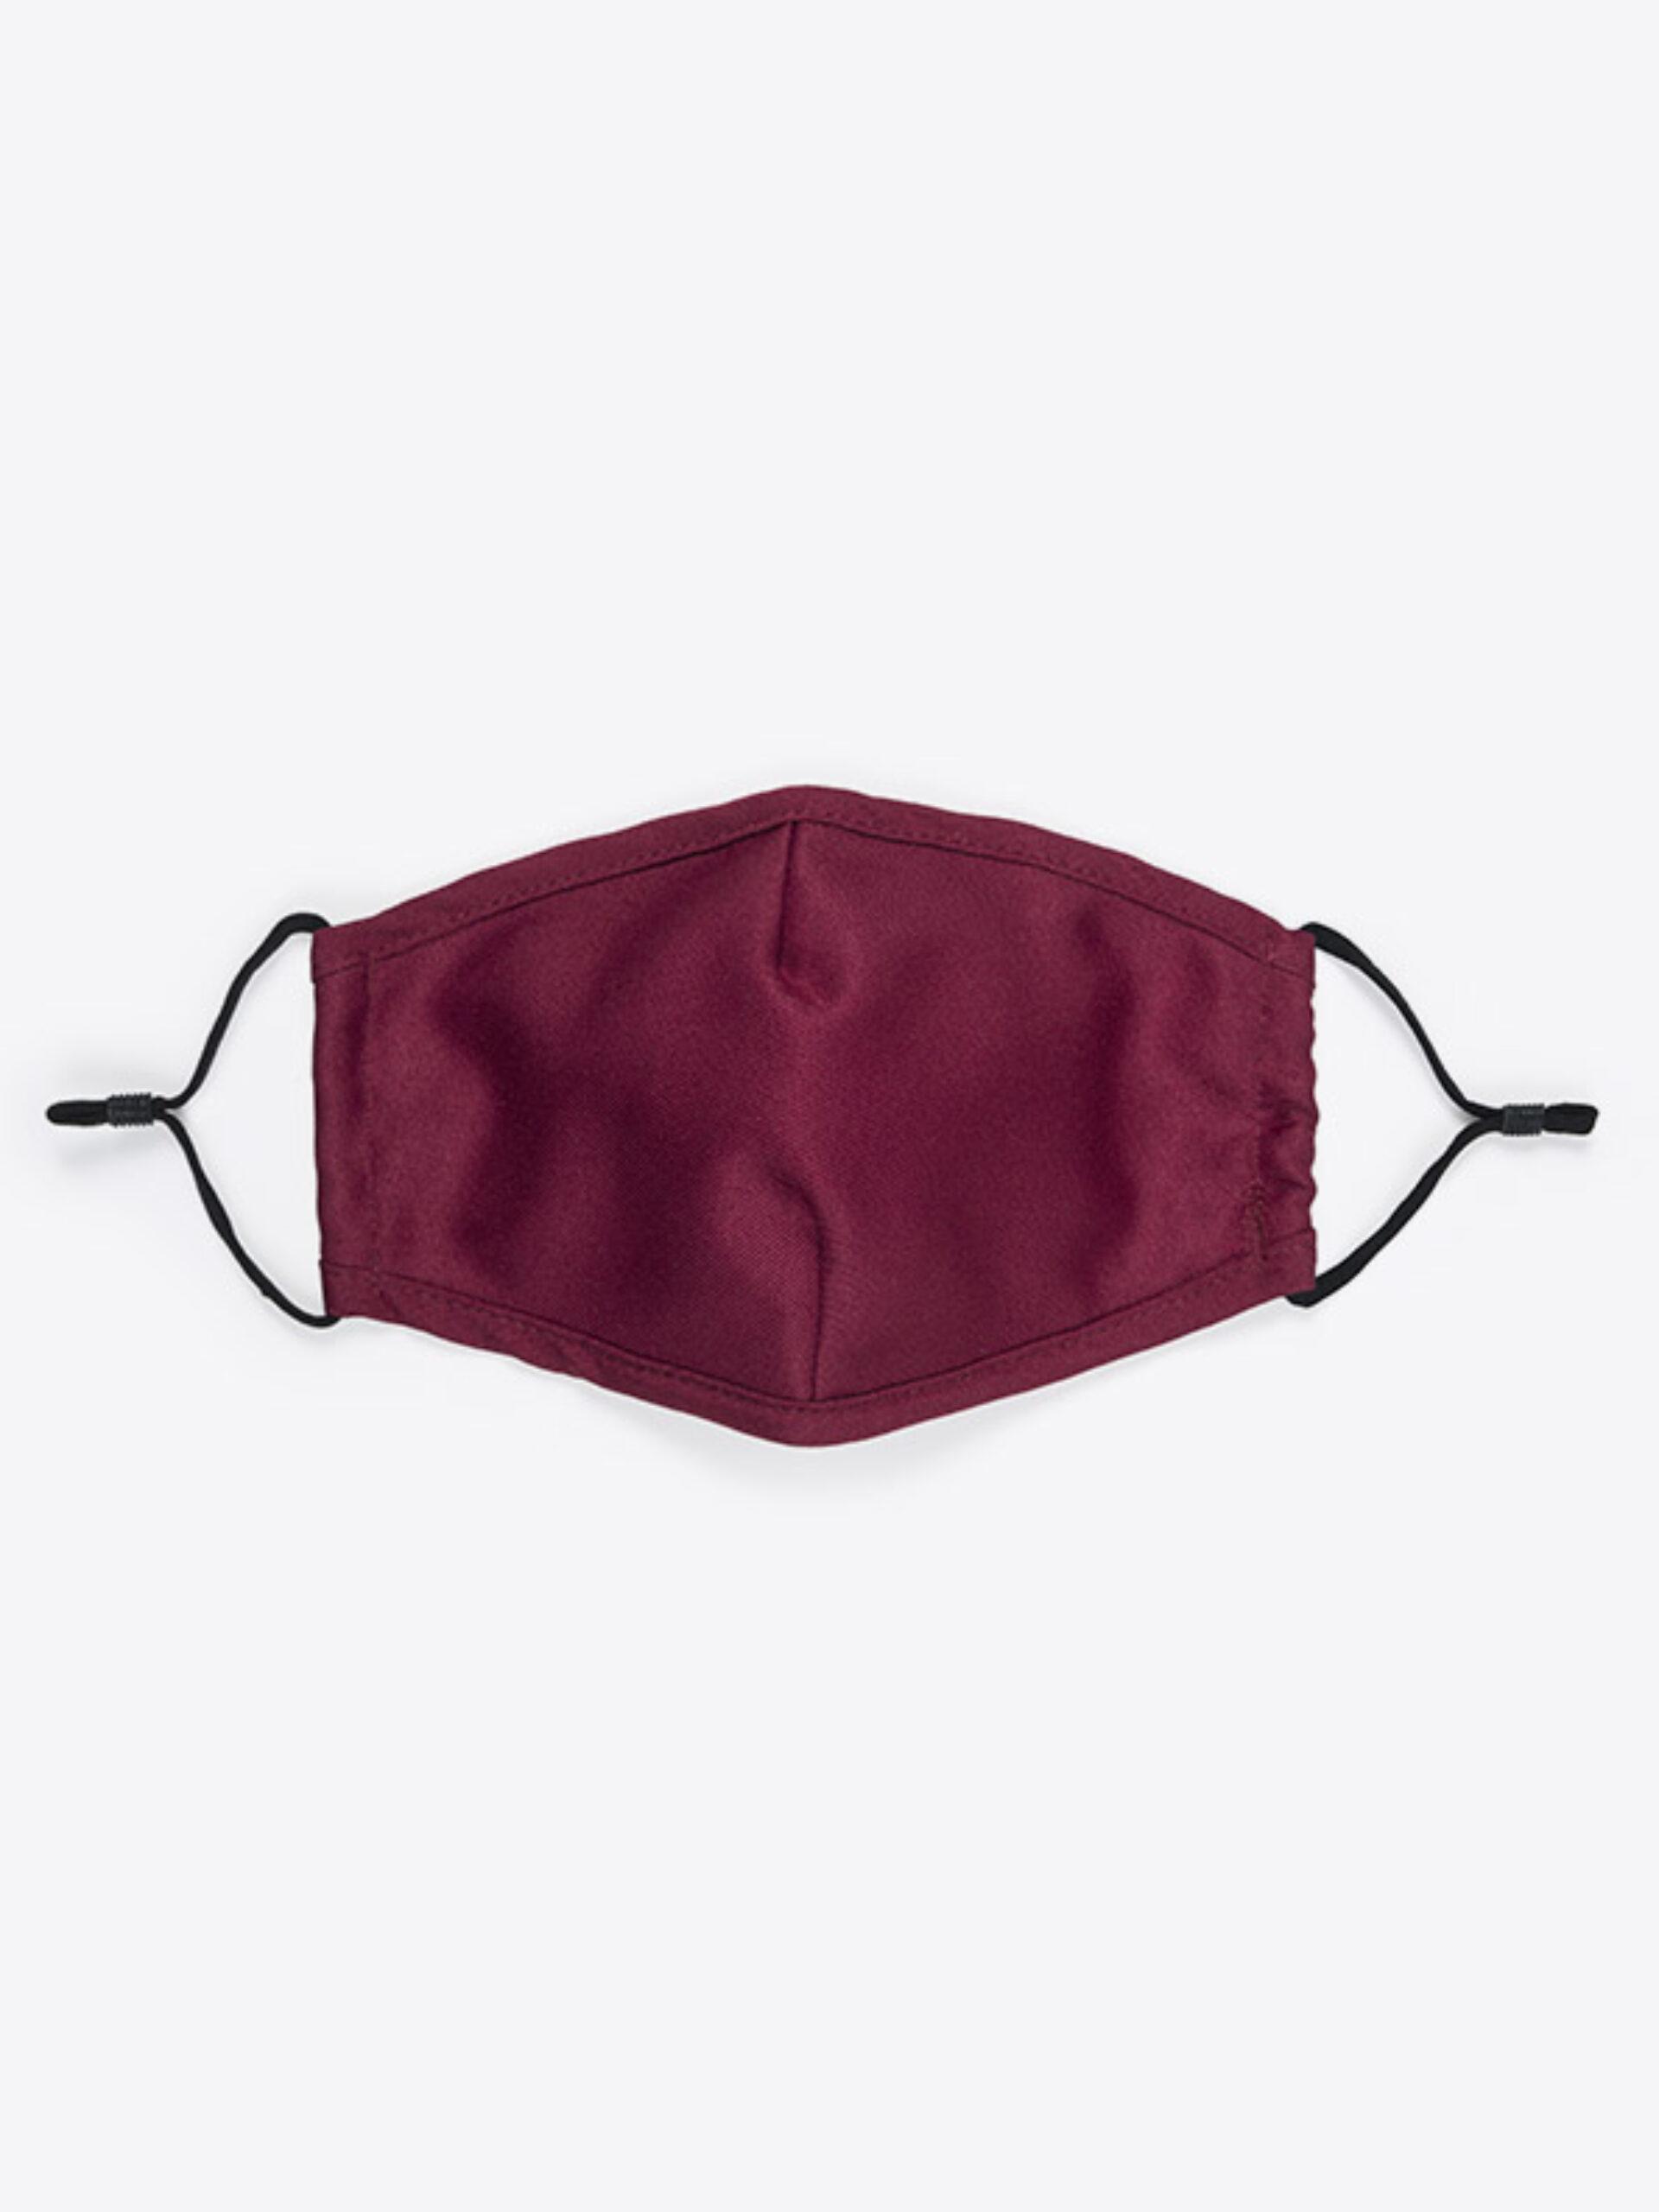 Community Maske Schutzmaske Mit Wechselfilter Rot Bordeaux Zurich